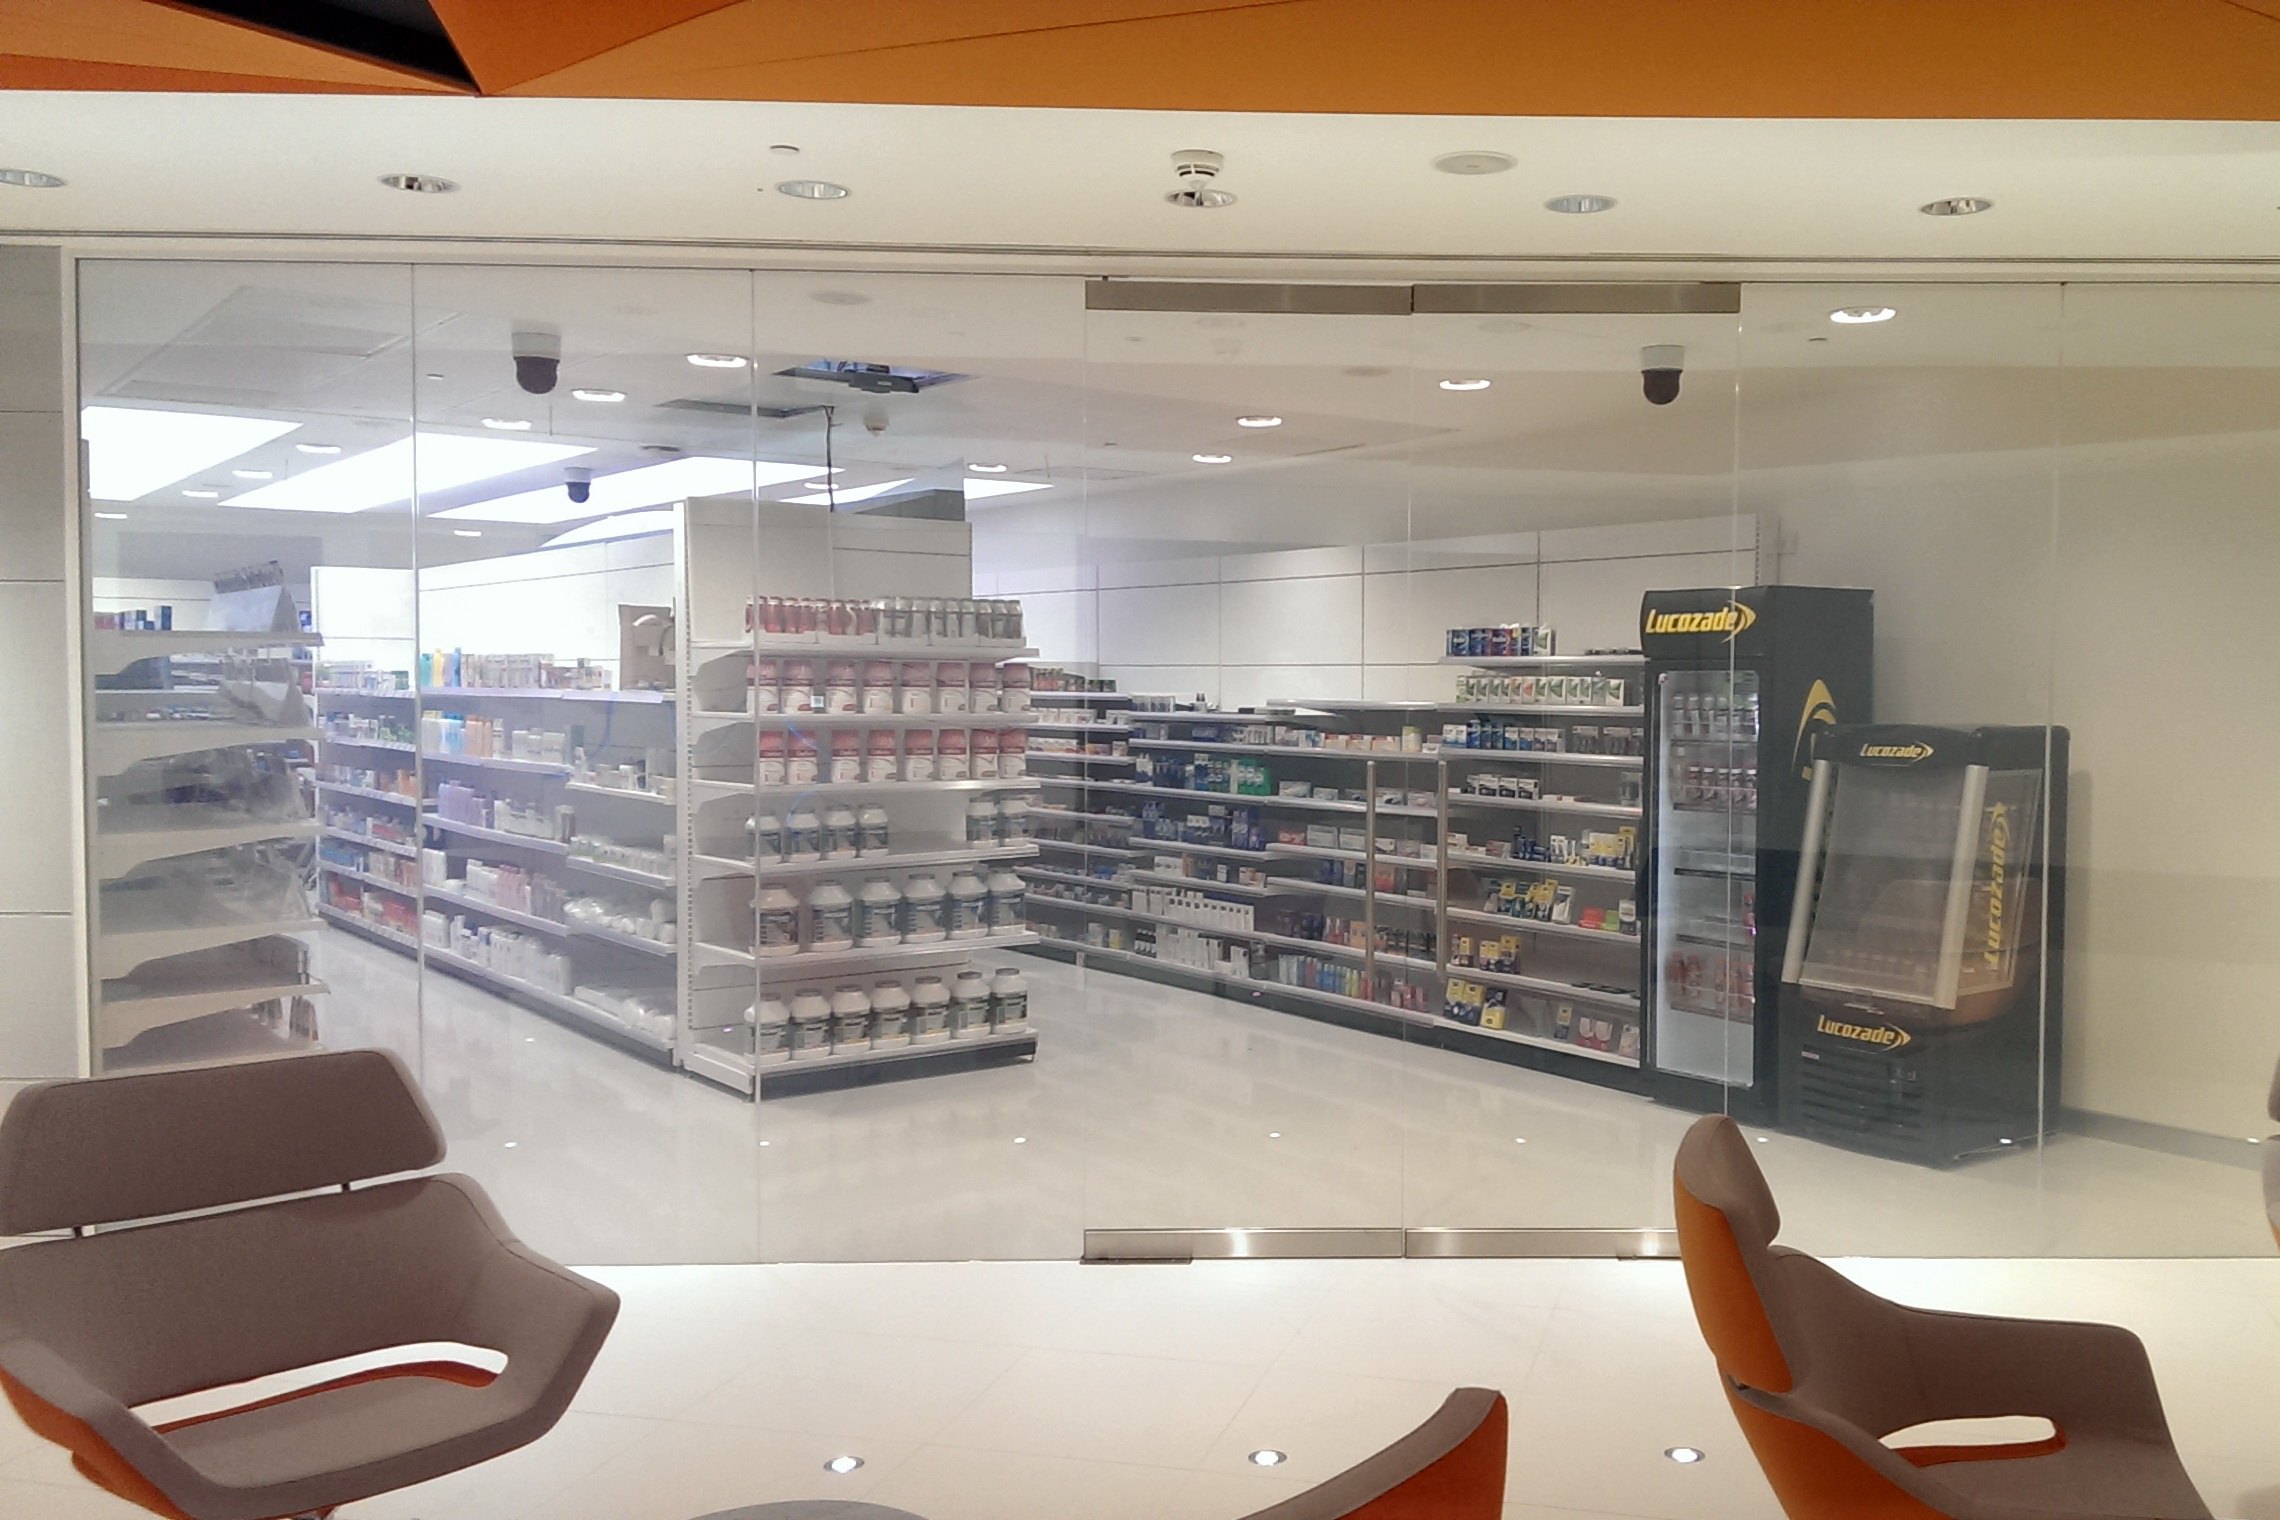 Supermercado off